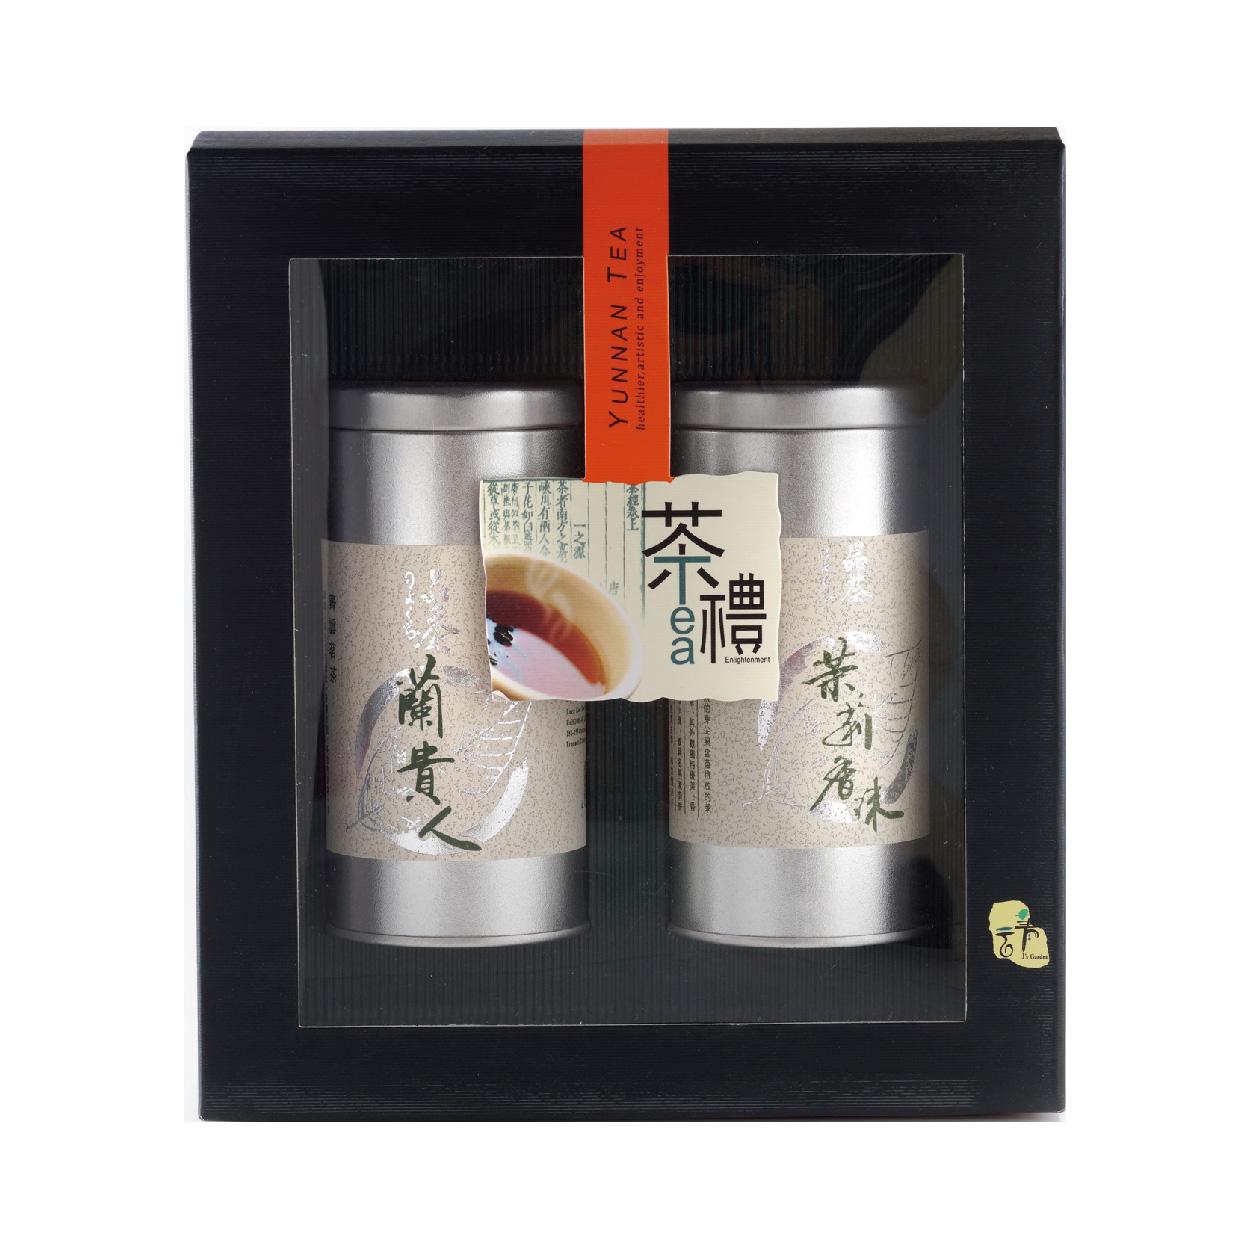 雲茶禮盒 Yunan Tea Gift Box (蘭貴人+茉莉香珠)